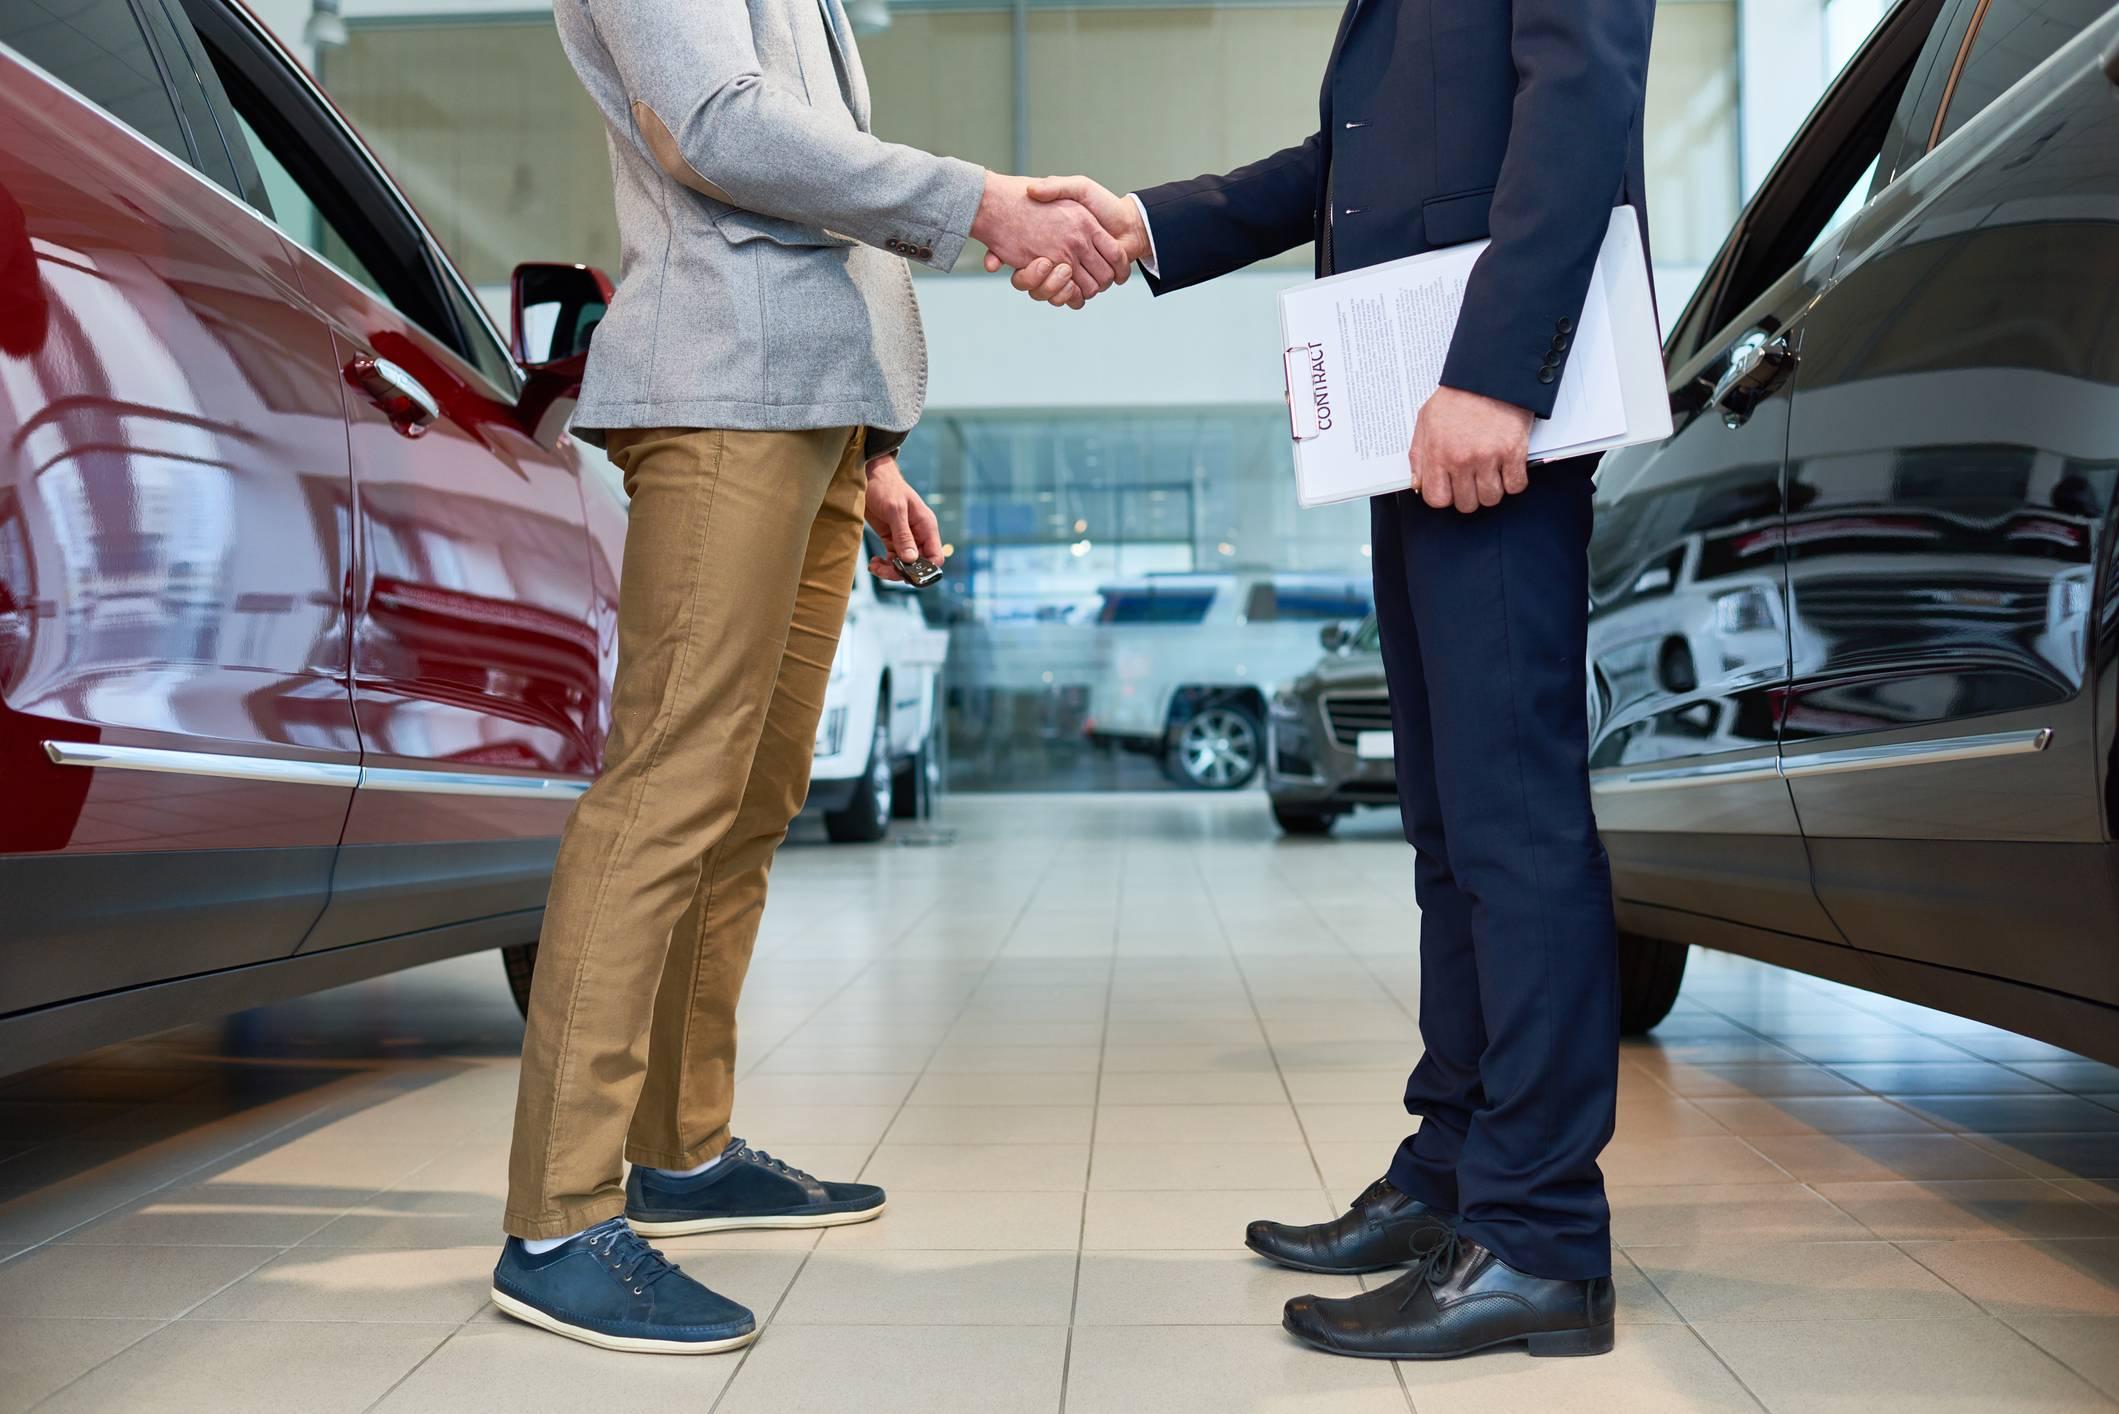 Comparatif d'achat d'une voiture neuve pour le choix du carburant, entre l'essence et le diesel.